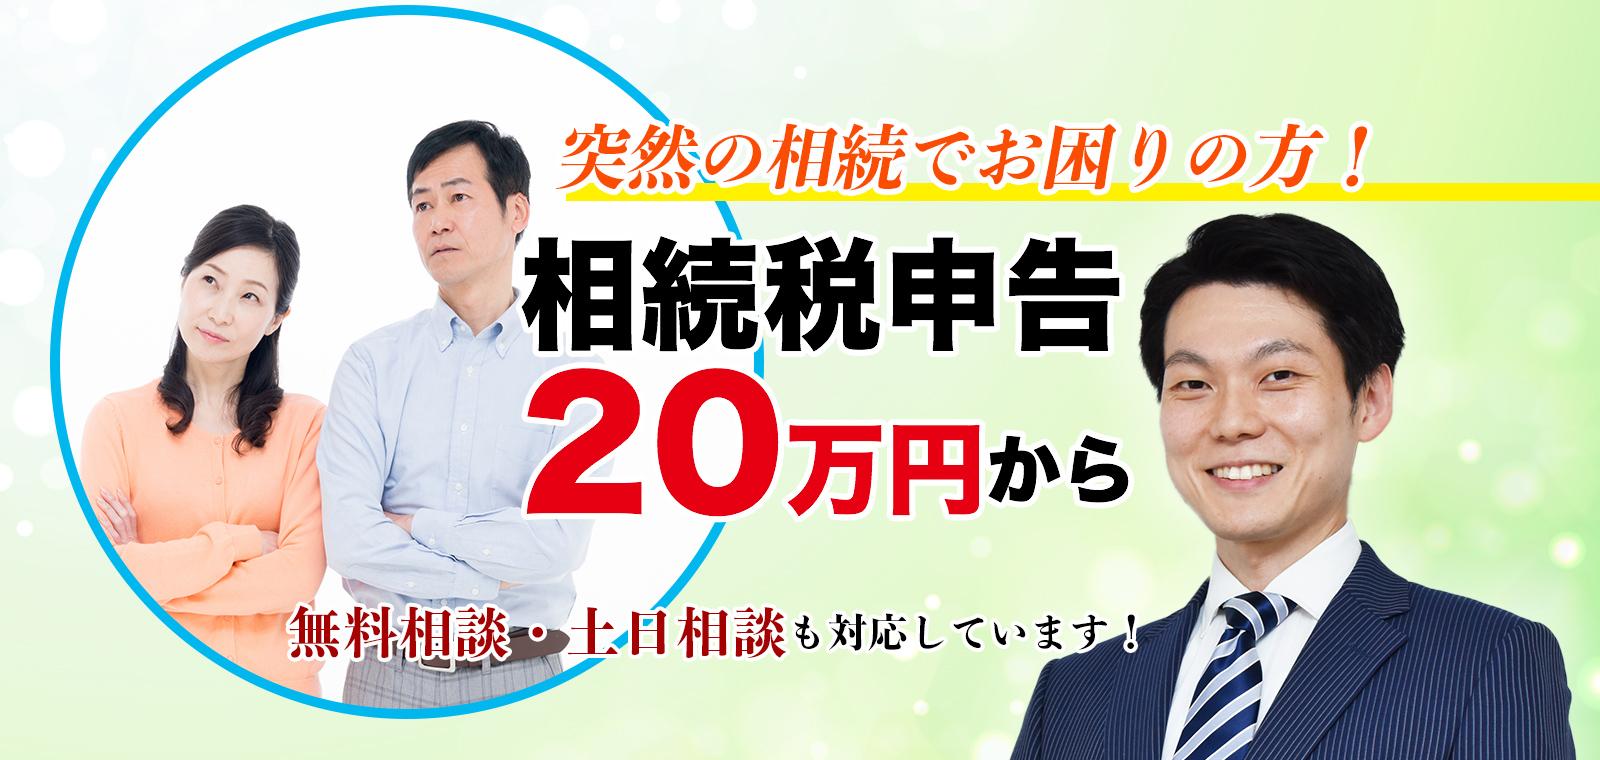 相続税申告は20万円から